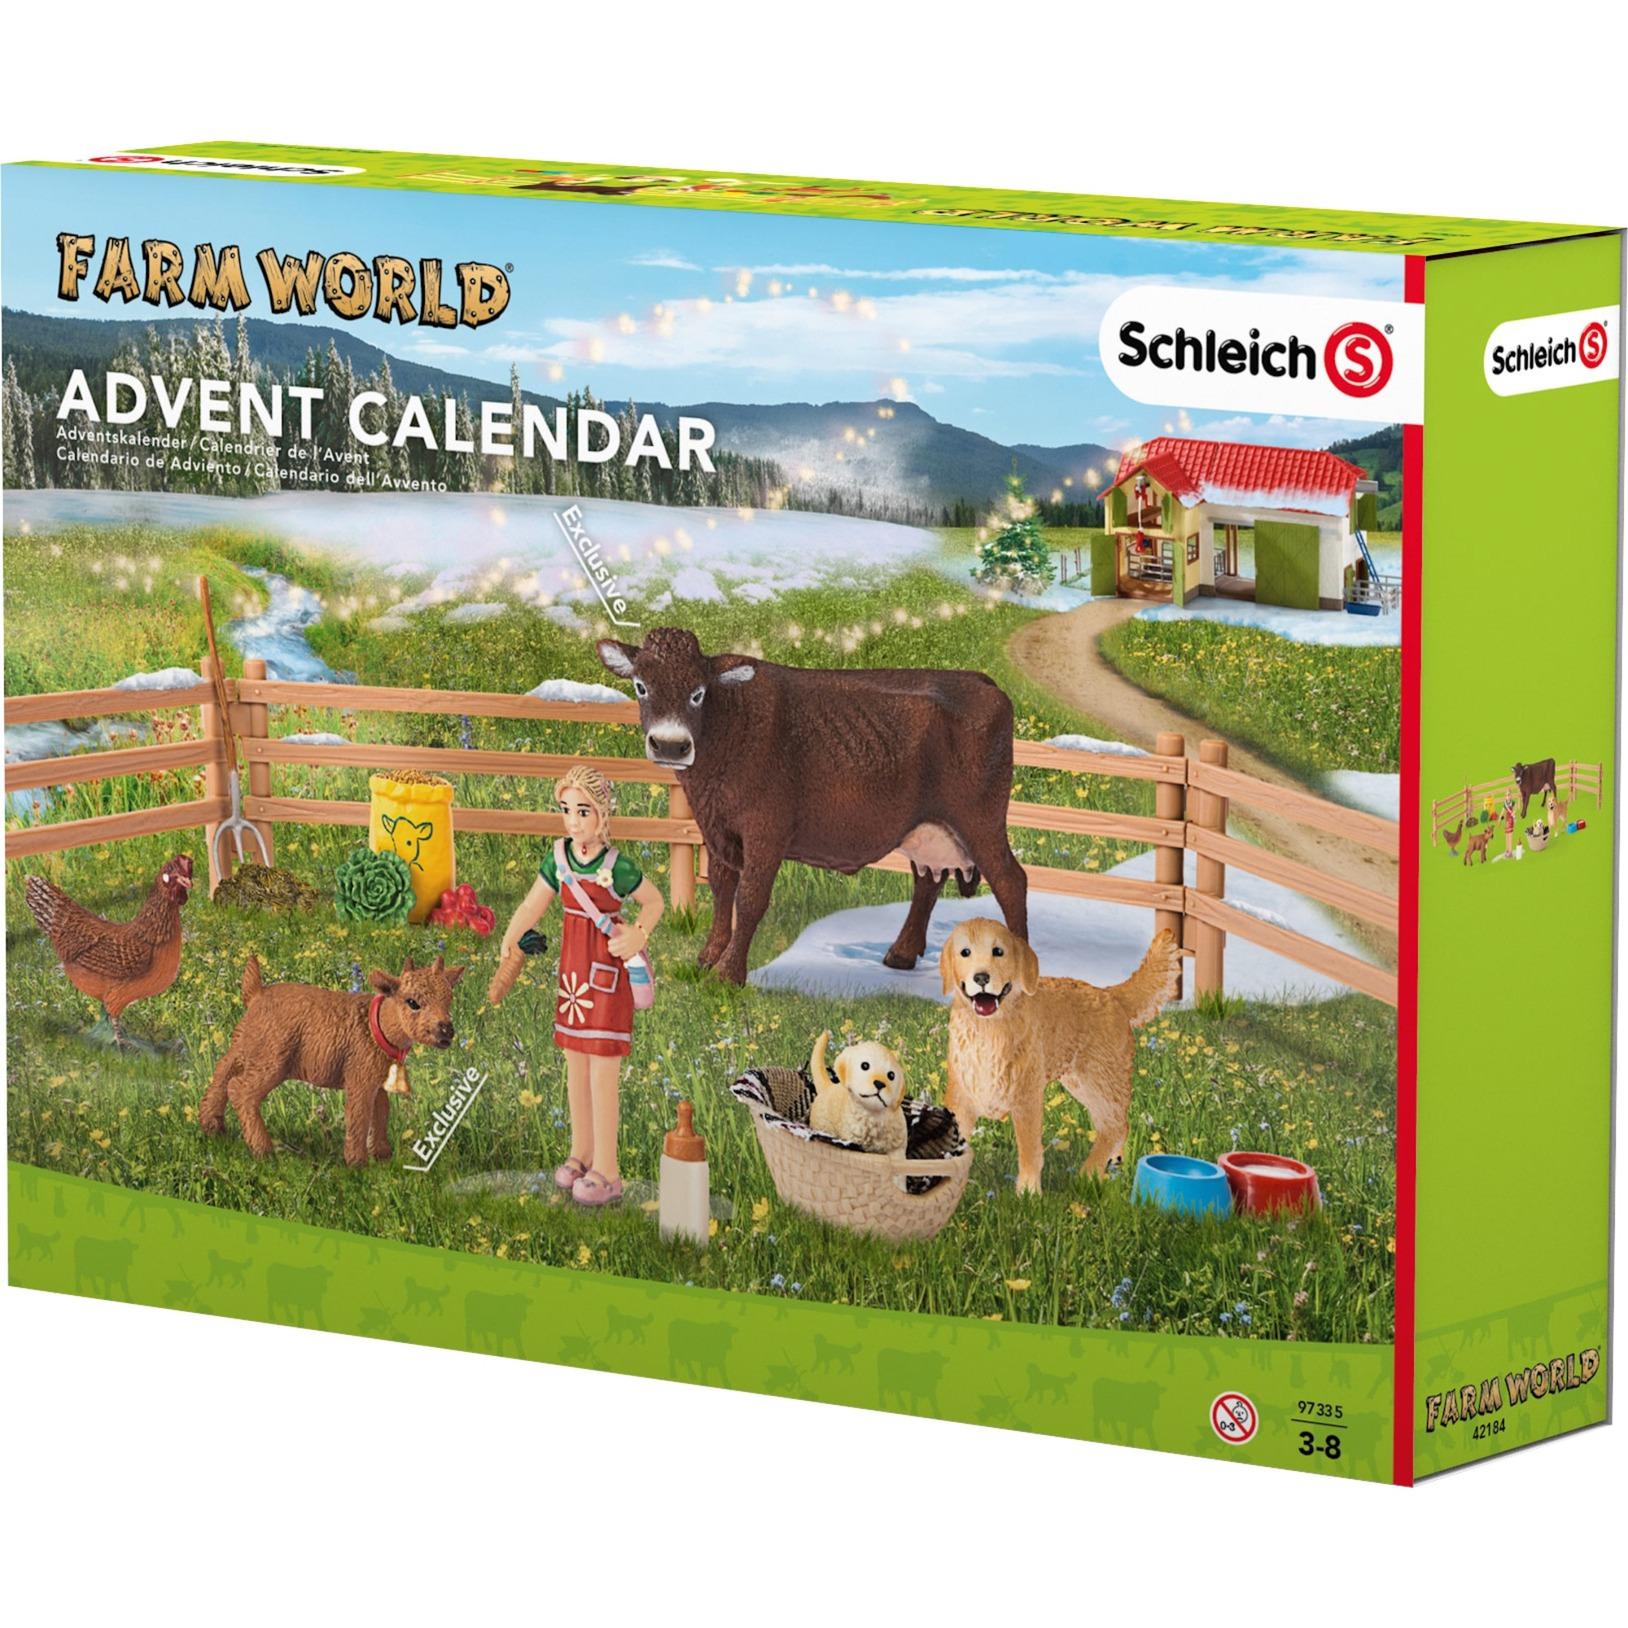 Schleich Weihnachtskalender.Adventskalender Farm World Speelgoedfiguur 97335